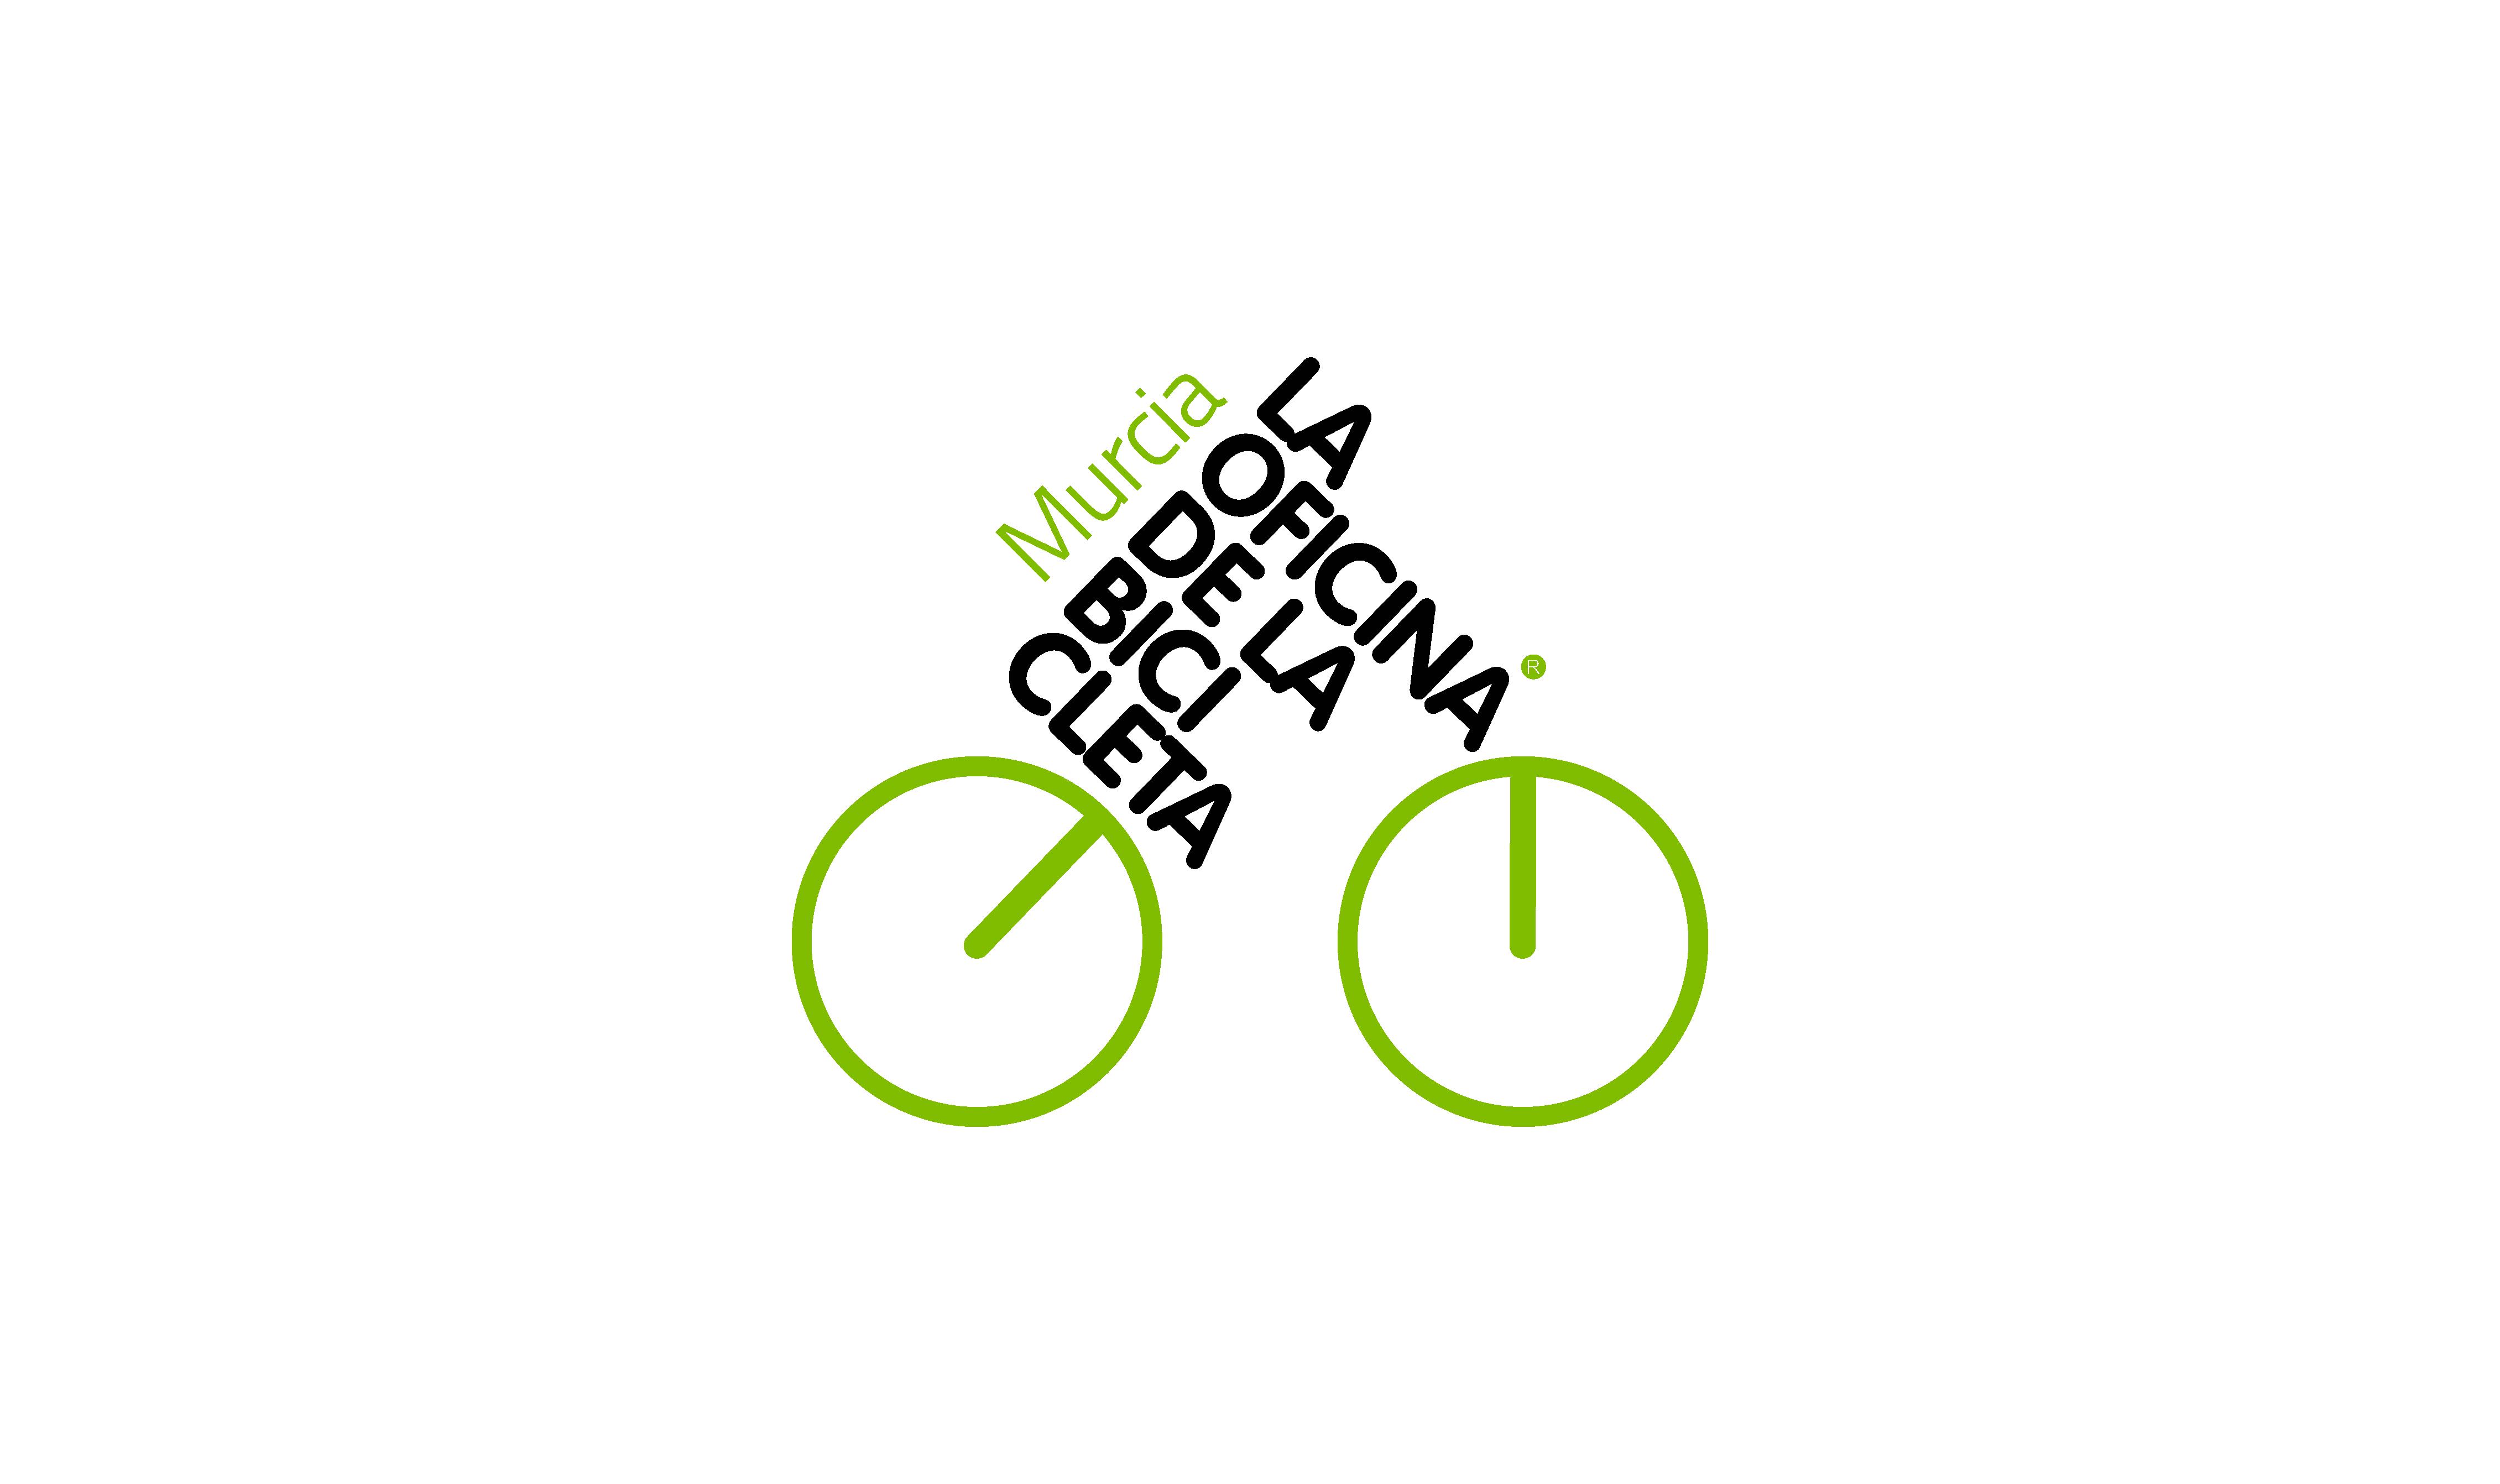 Oficina de la bicicleta murcia campa a de publicidad for Material de oficina murcia